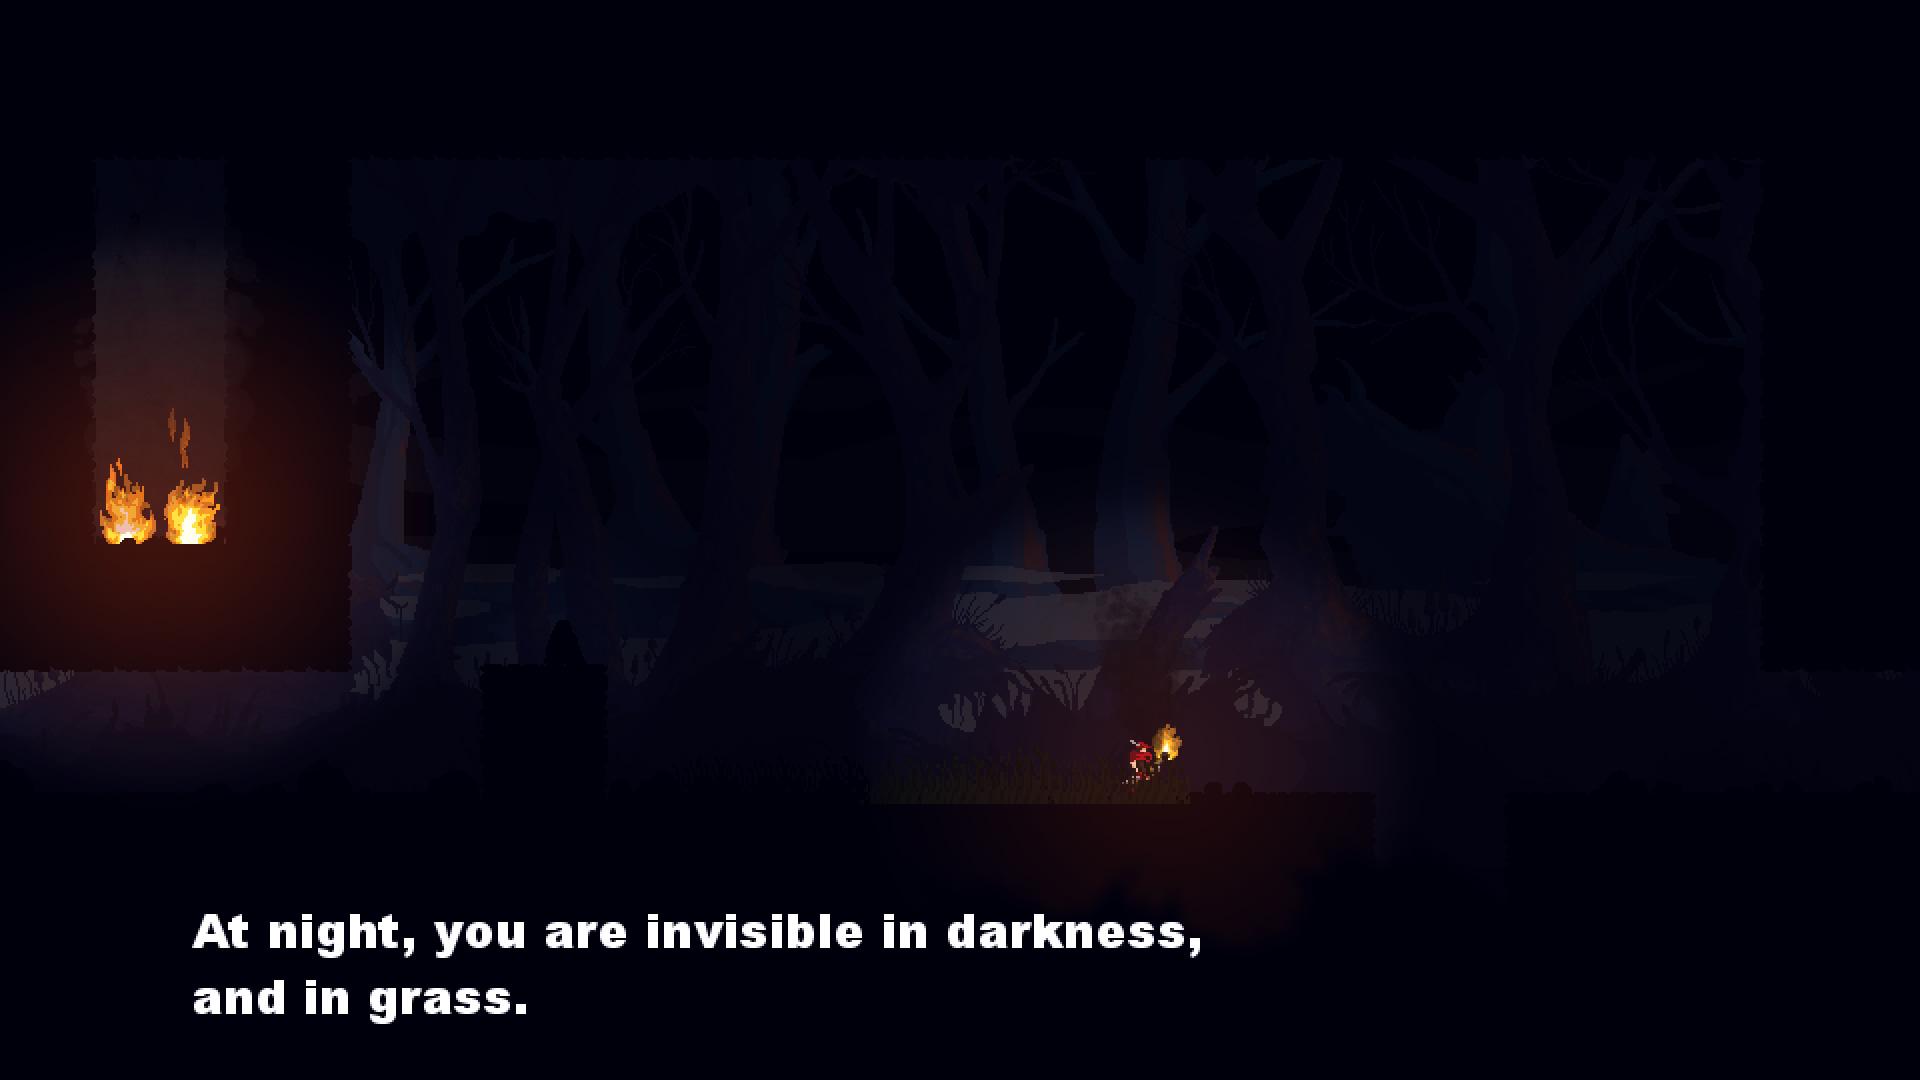 ぱっと見ではわからないかもしれないが、このスクリーンショットのなかで主人公は暗闇に隠れている。